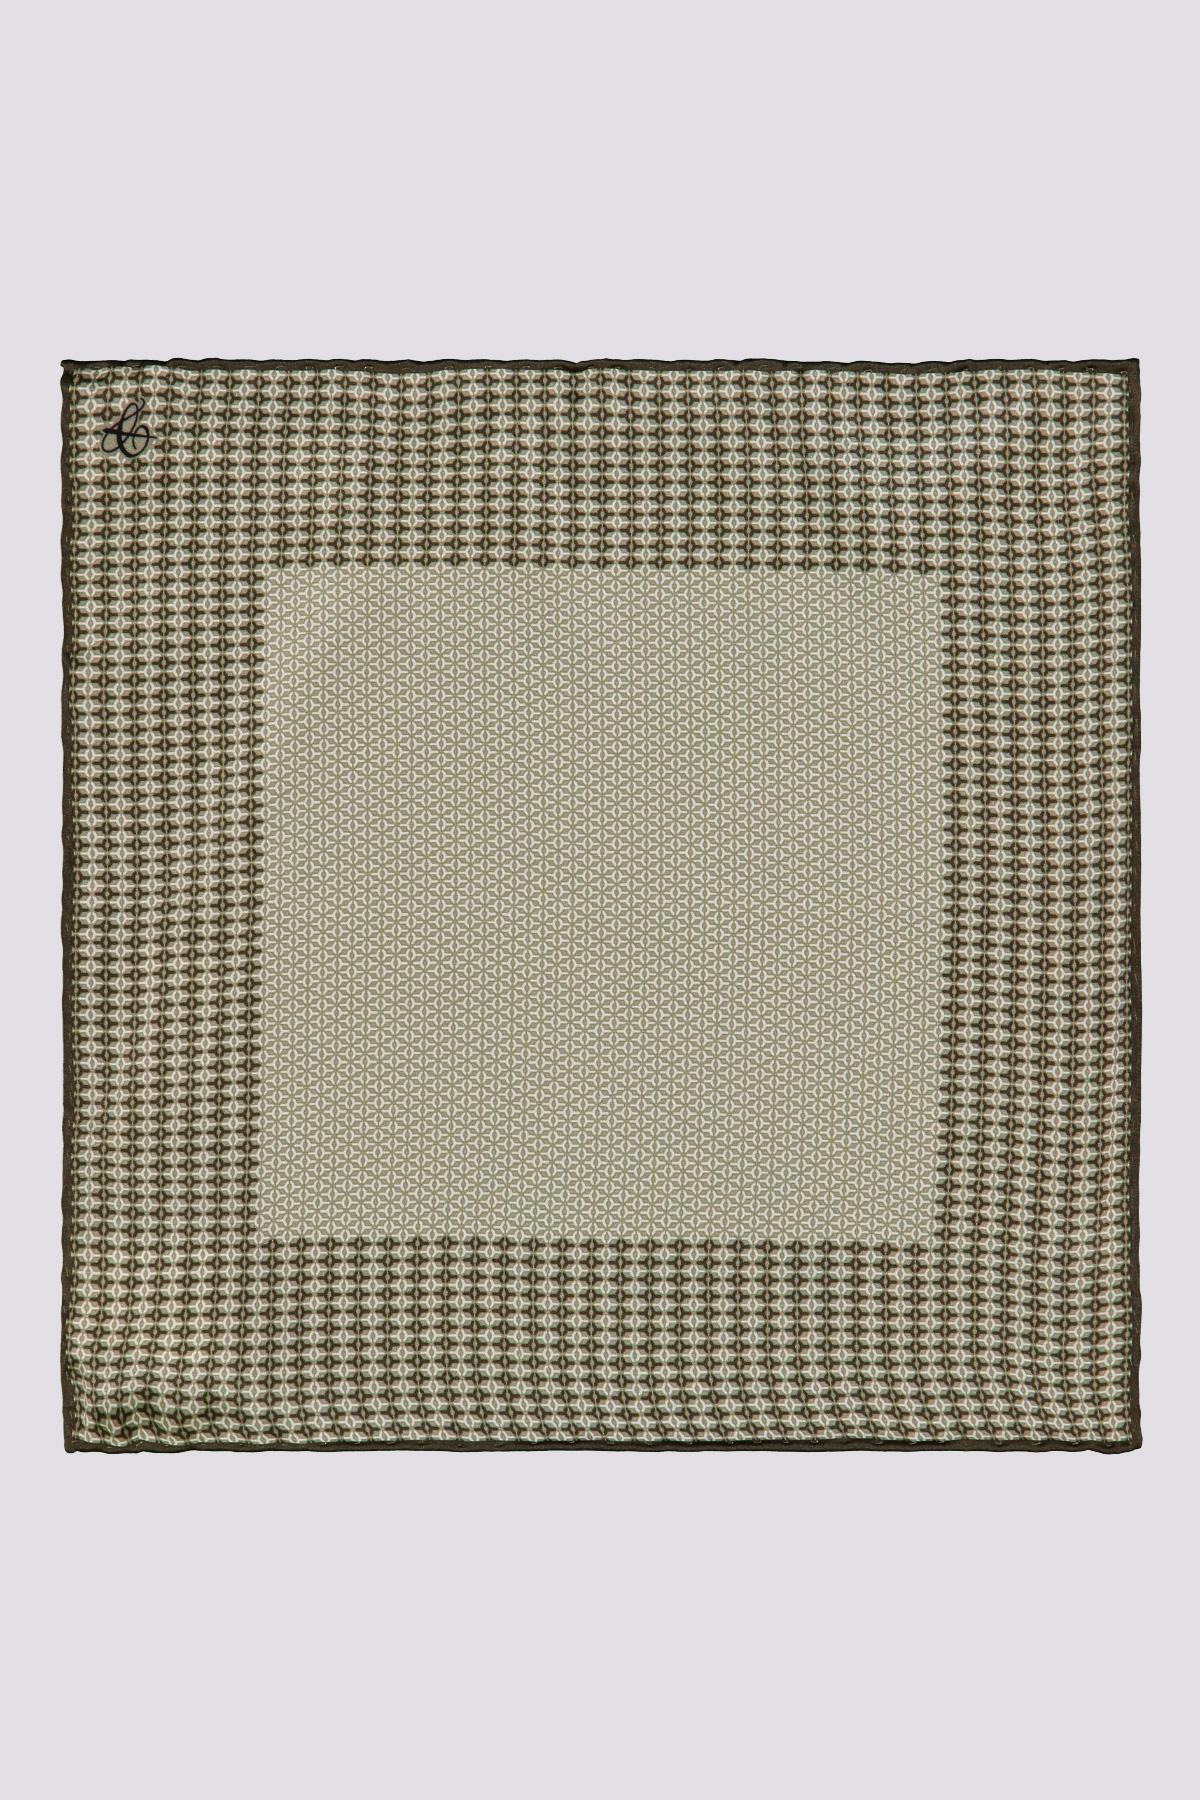 Pañuelo de Seda marca CANALI a dos tonos beige y café